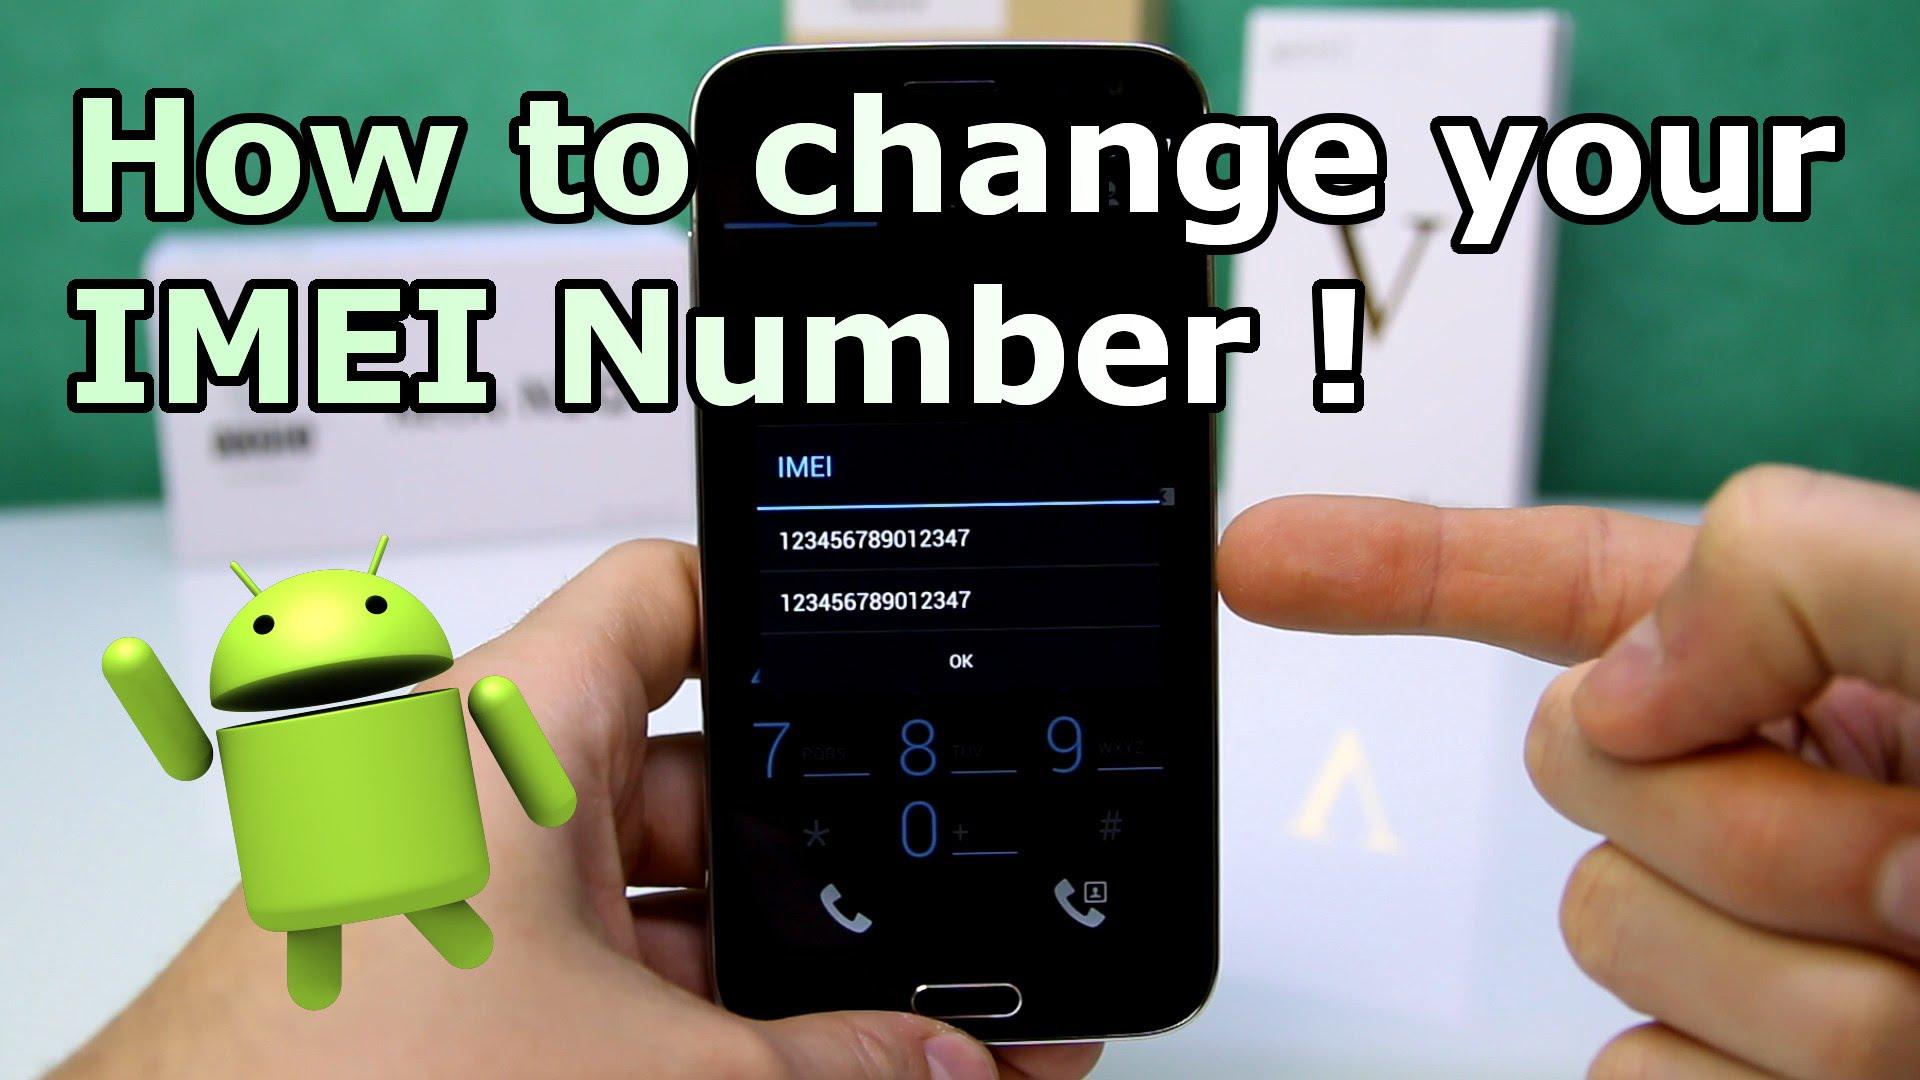 Change Imei